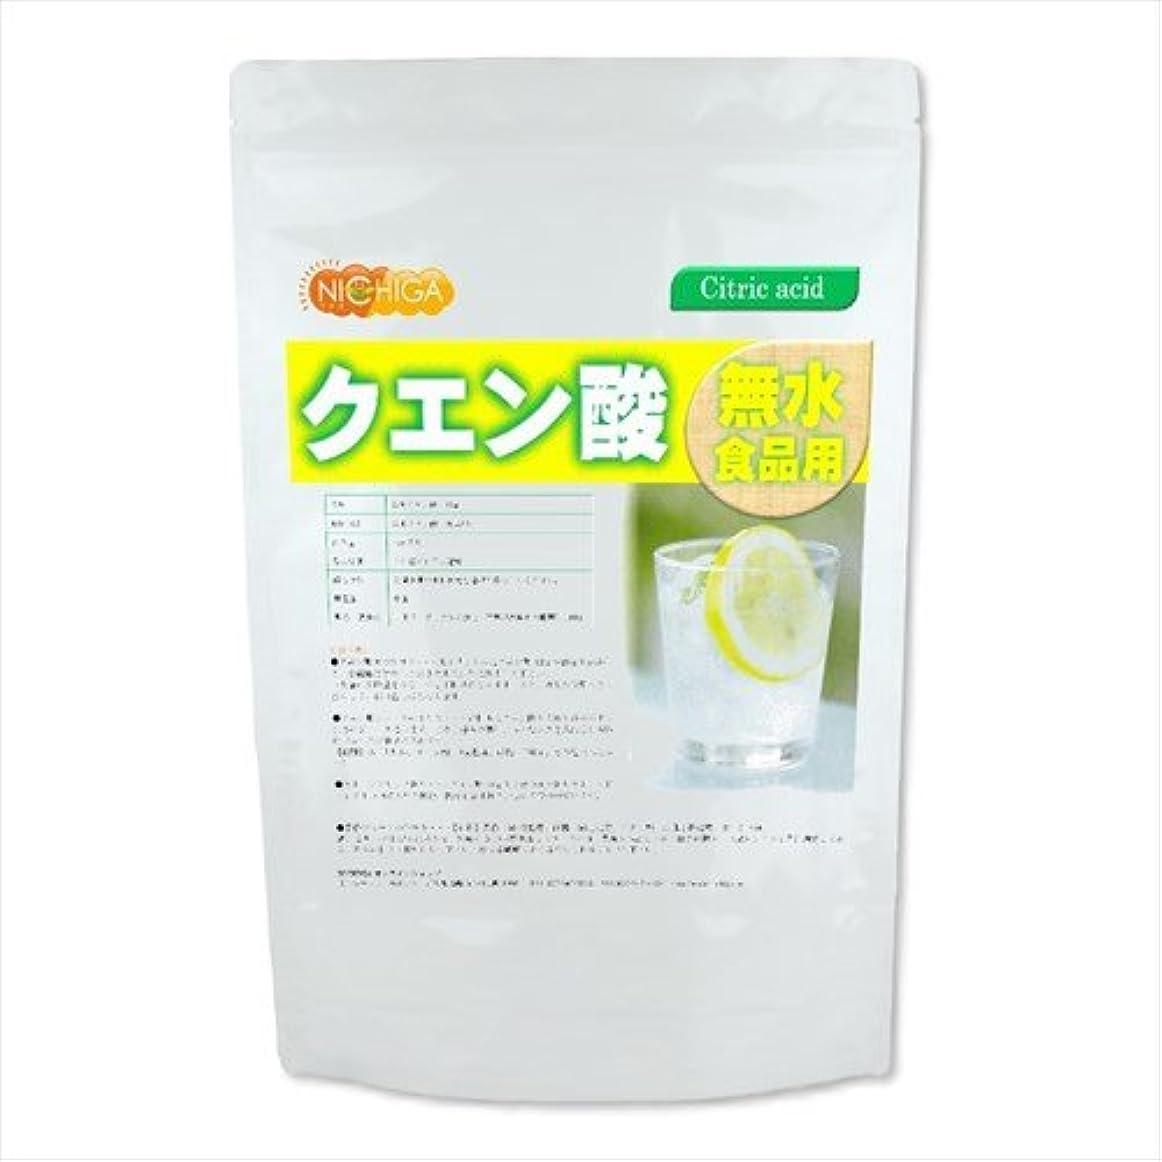 経由で簡潔なお尻無水 クエン酸 (食品添加物グレード) 950g [02] NICHIGA(ニチガ)